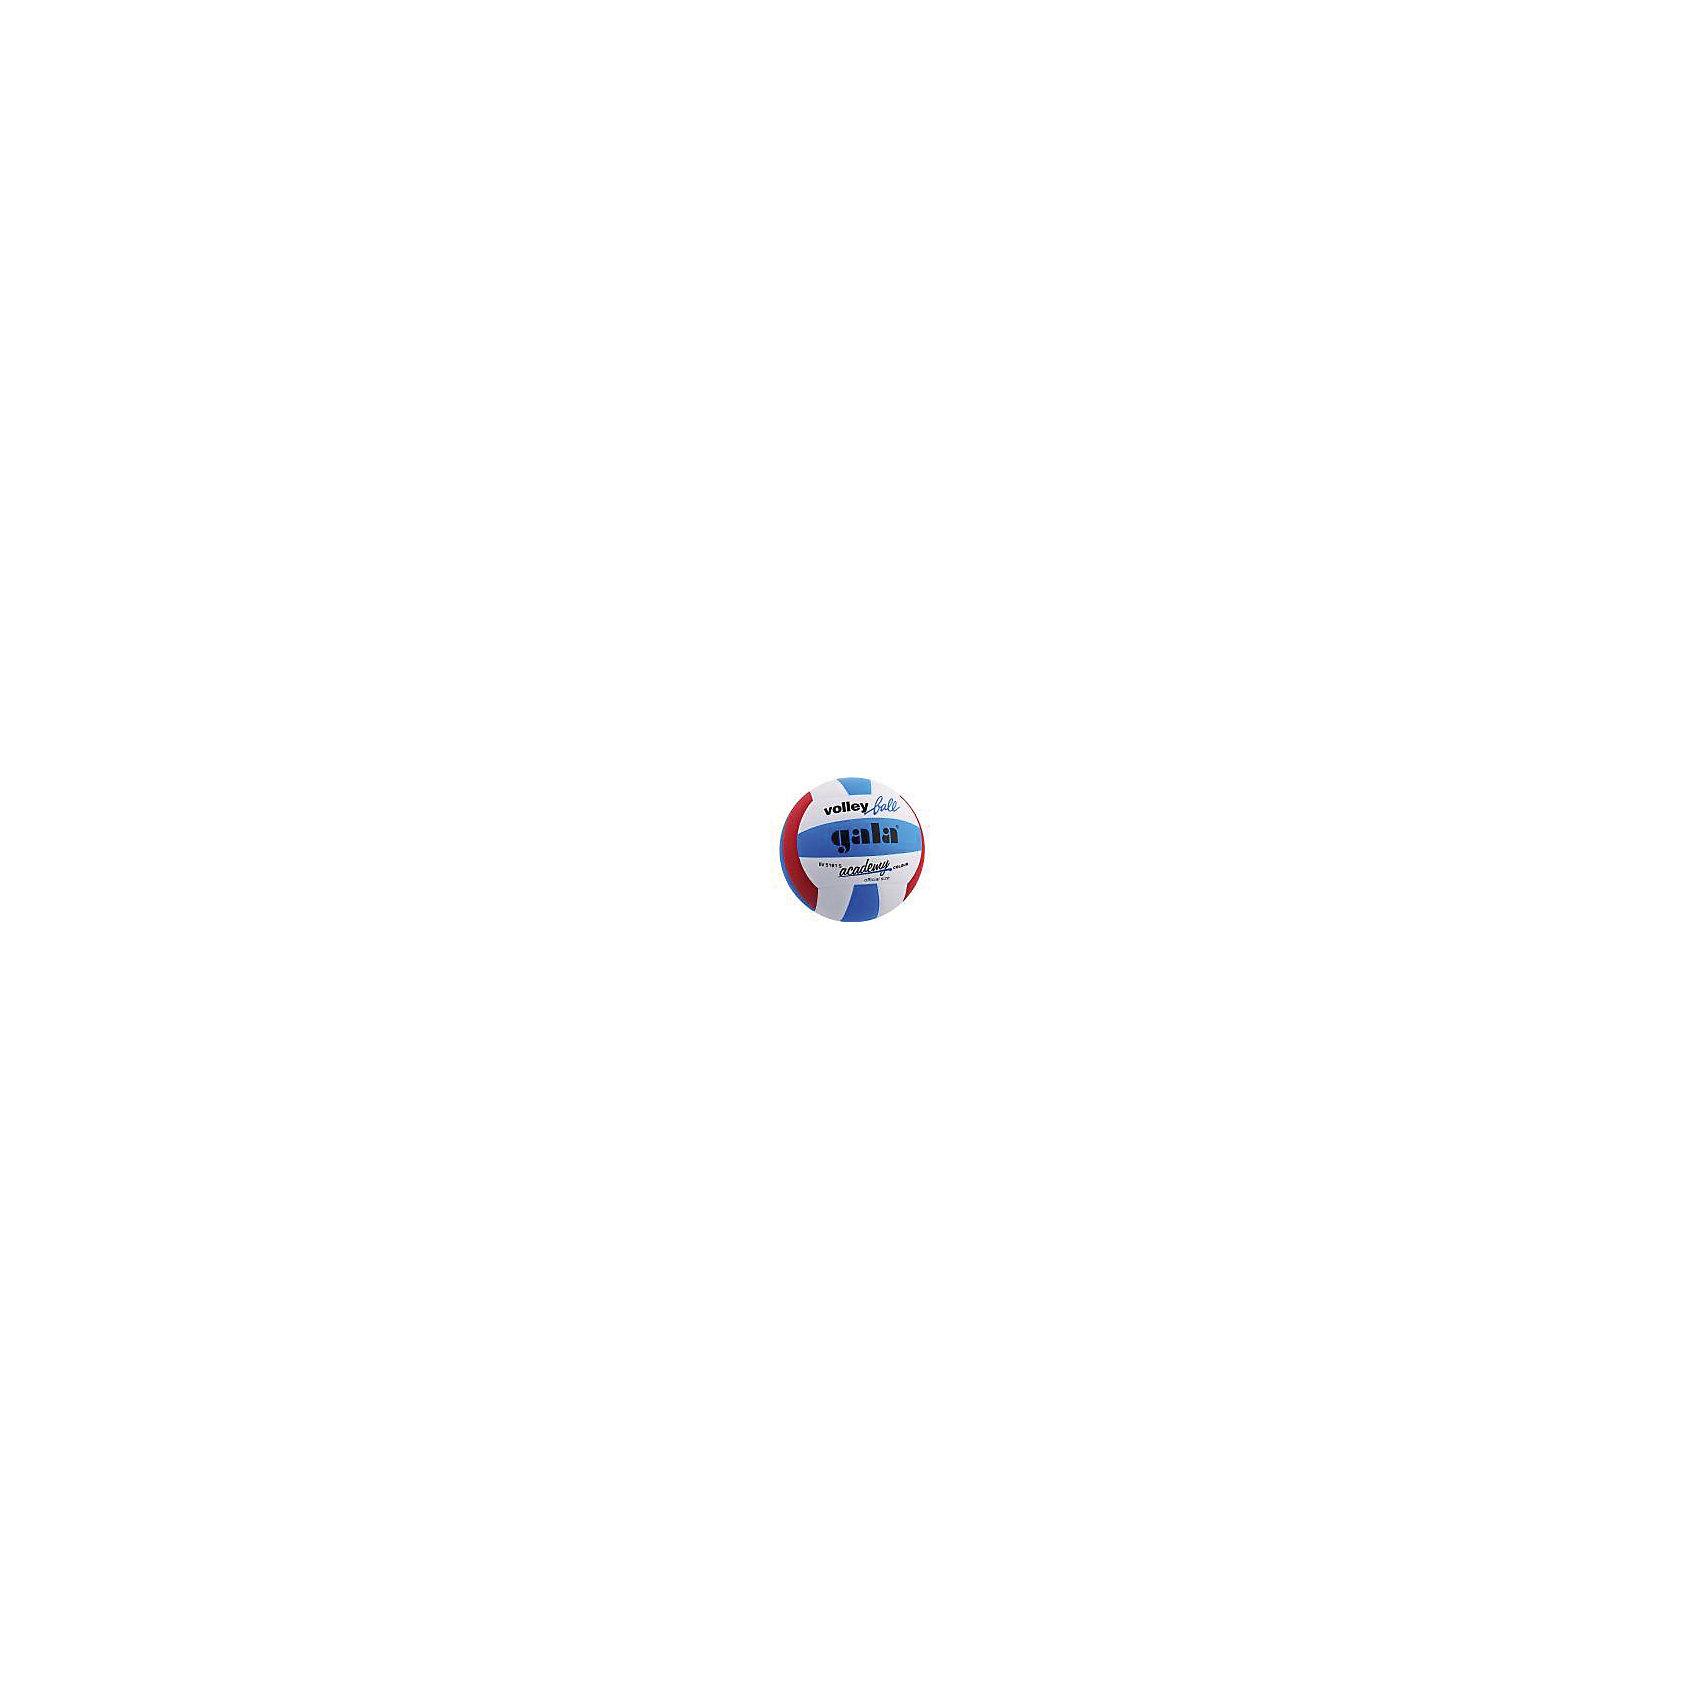 - Волейбольный мяч Academy, р. 5, синт. кожа, Gala